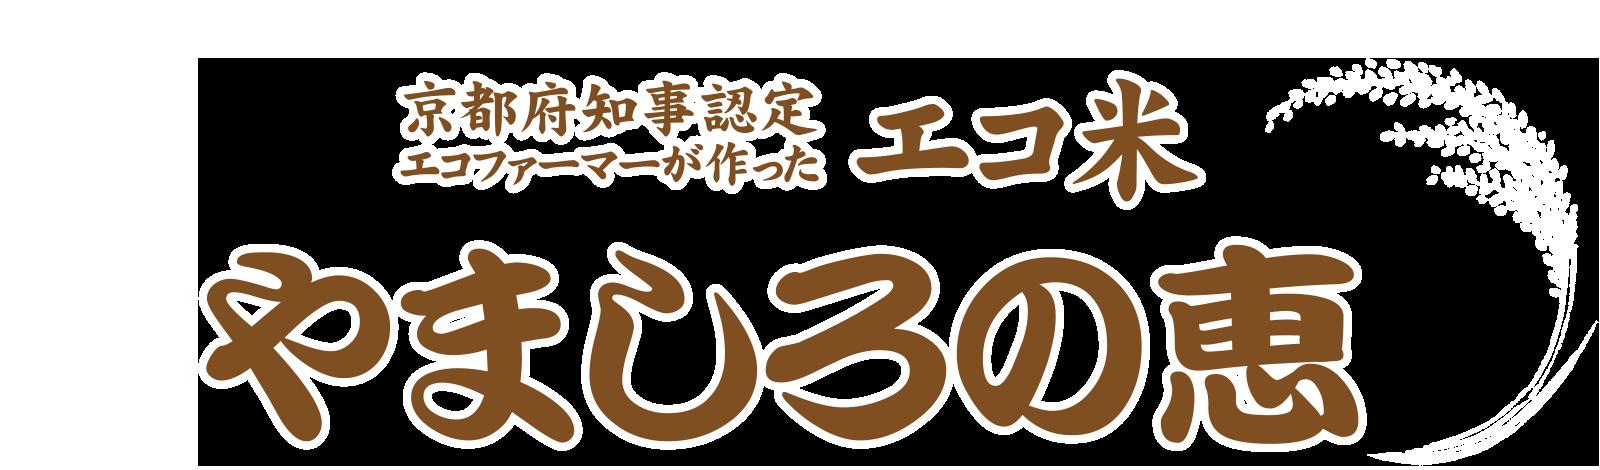 京都府知事認定・エコファーマーが作ったエコ米「やましろの恵」